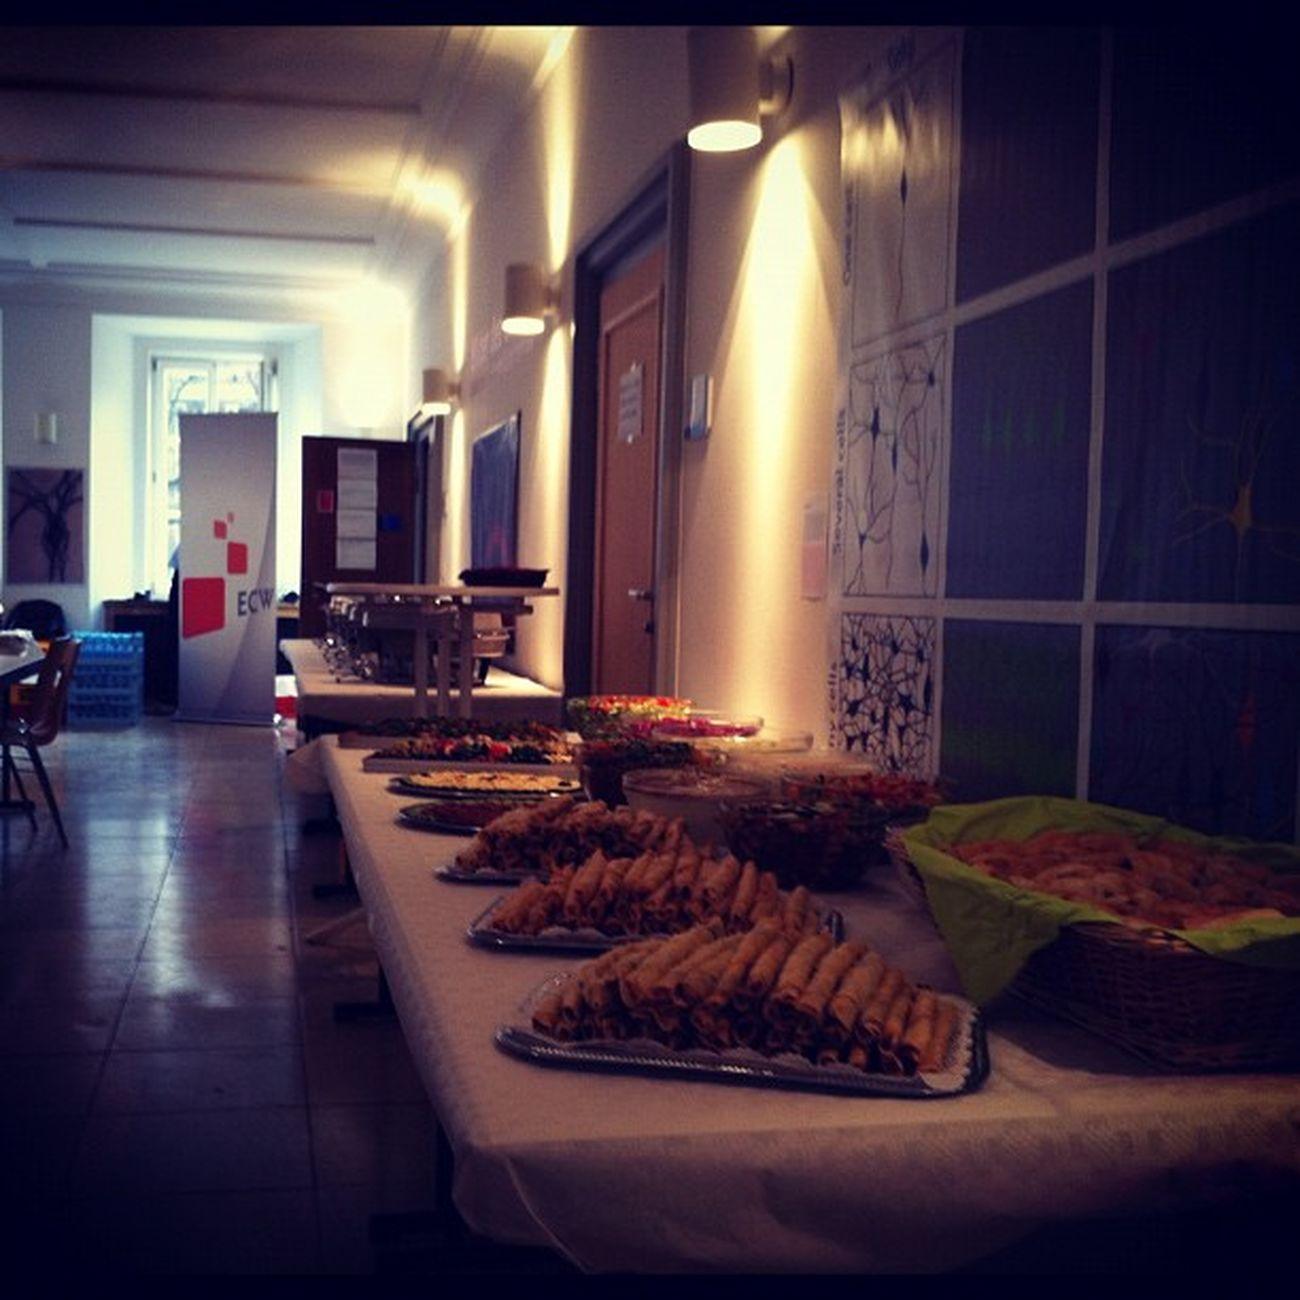 Das Essen ist auch schon angerichtet #barbs2011 Barbs2011